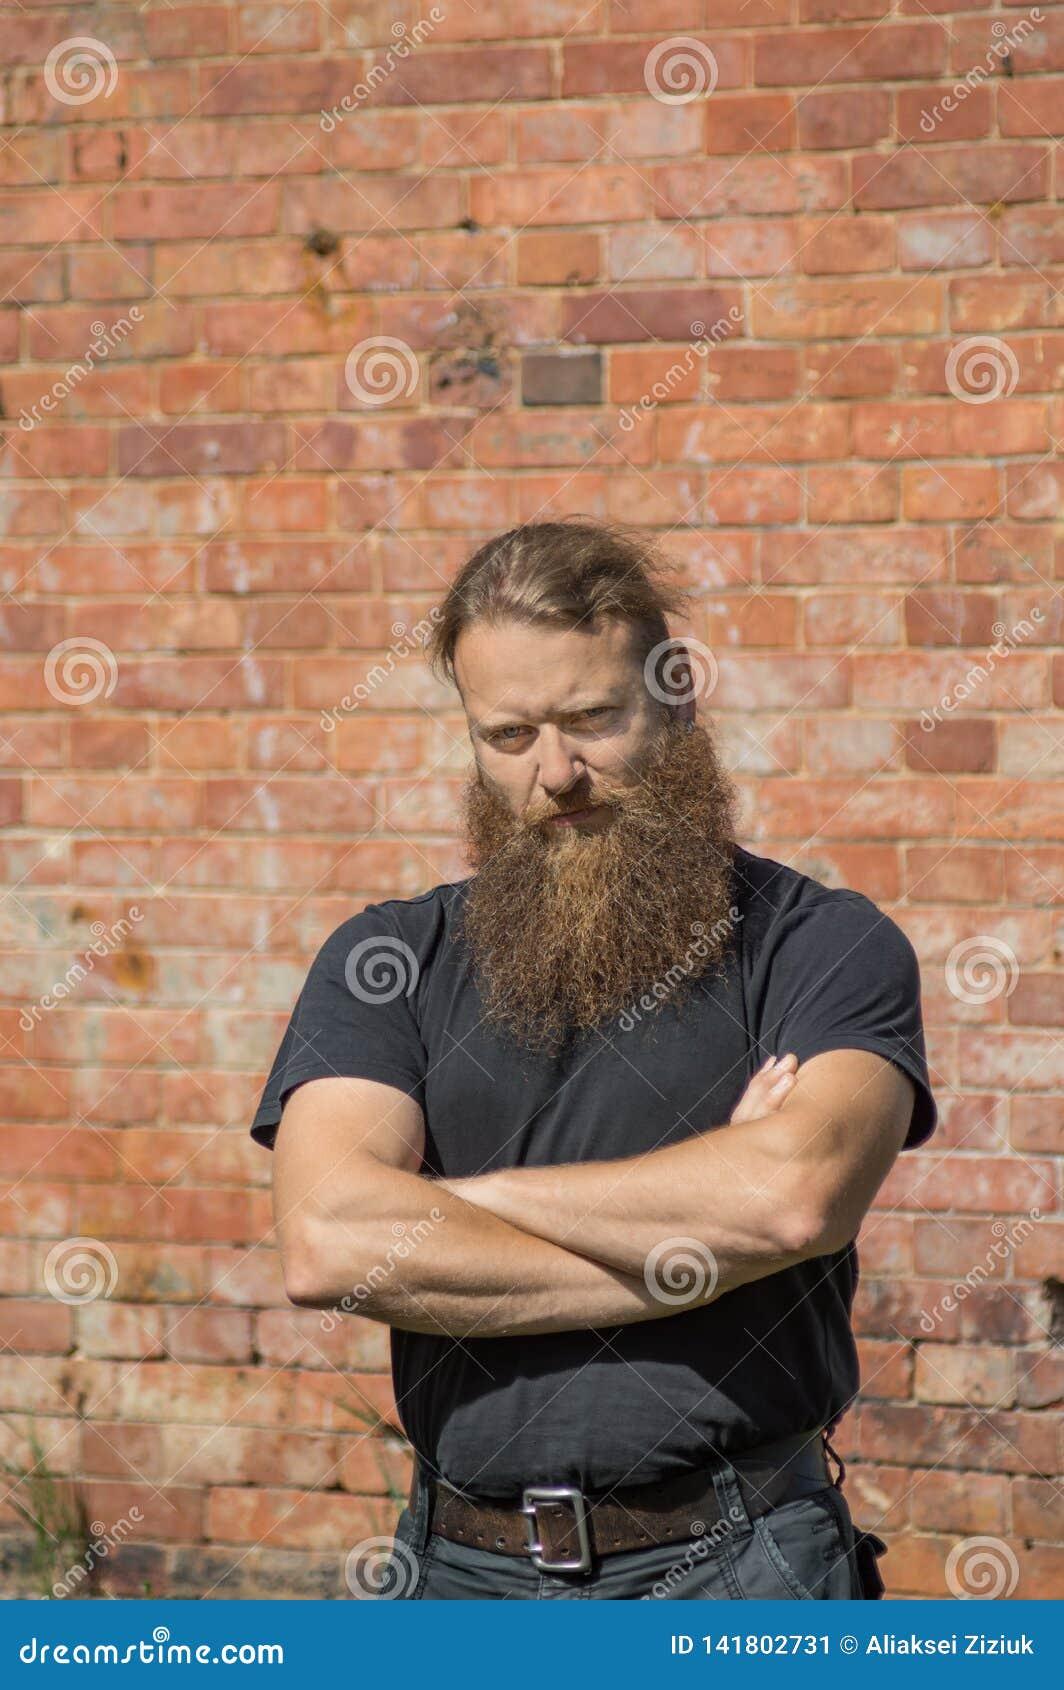 Brodaty mężczyzna na czerwonym ściany z cegieł tle